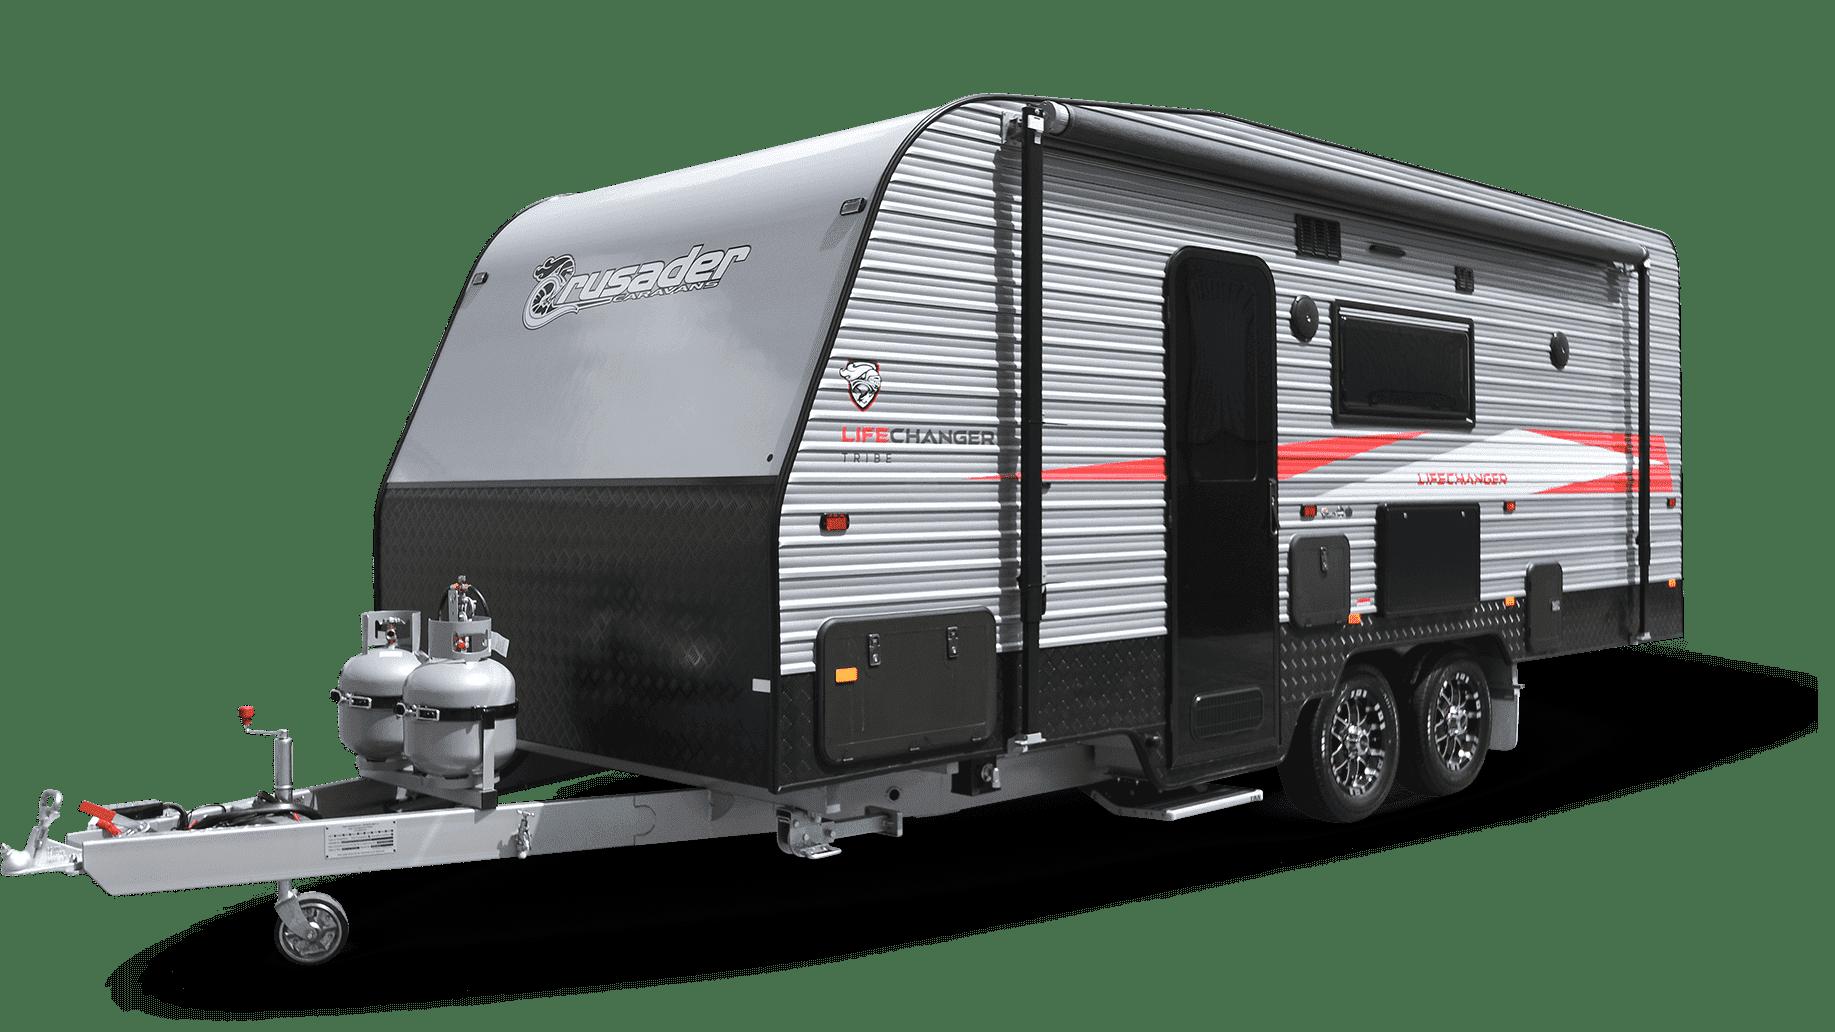 New caravans for sale at Lewis RV including Crusader Lifechanger Tribe.